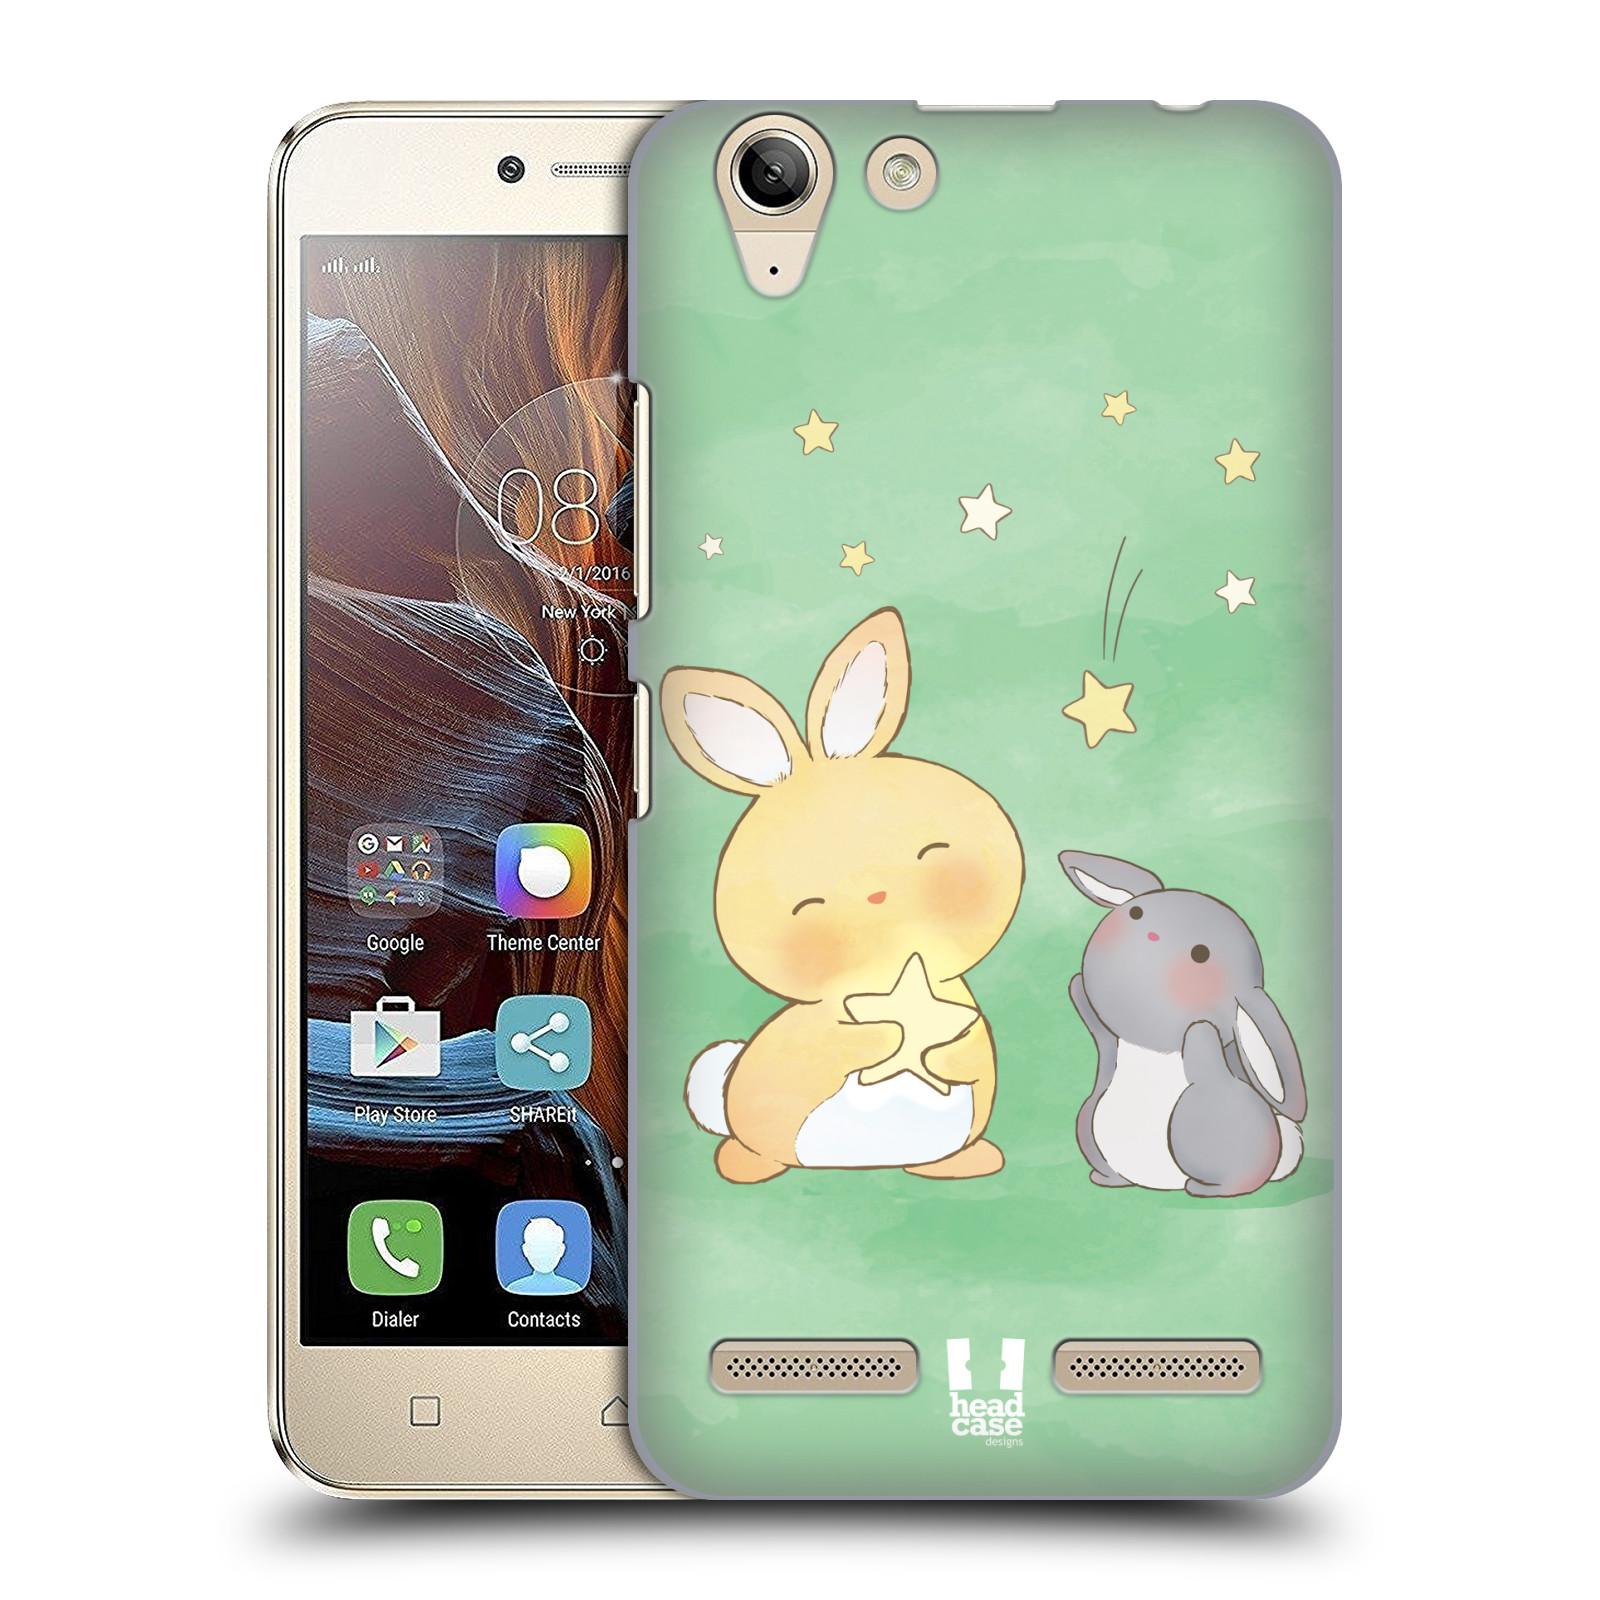 HEAD CASE plastový obal na mobil Lenovo Vibe K5 / Lenovo Vibe K5 PLUS vzor králíček a hvězdy zelená